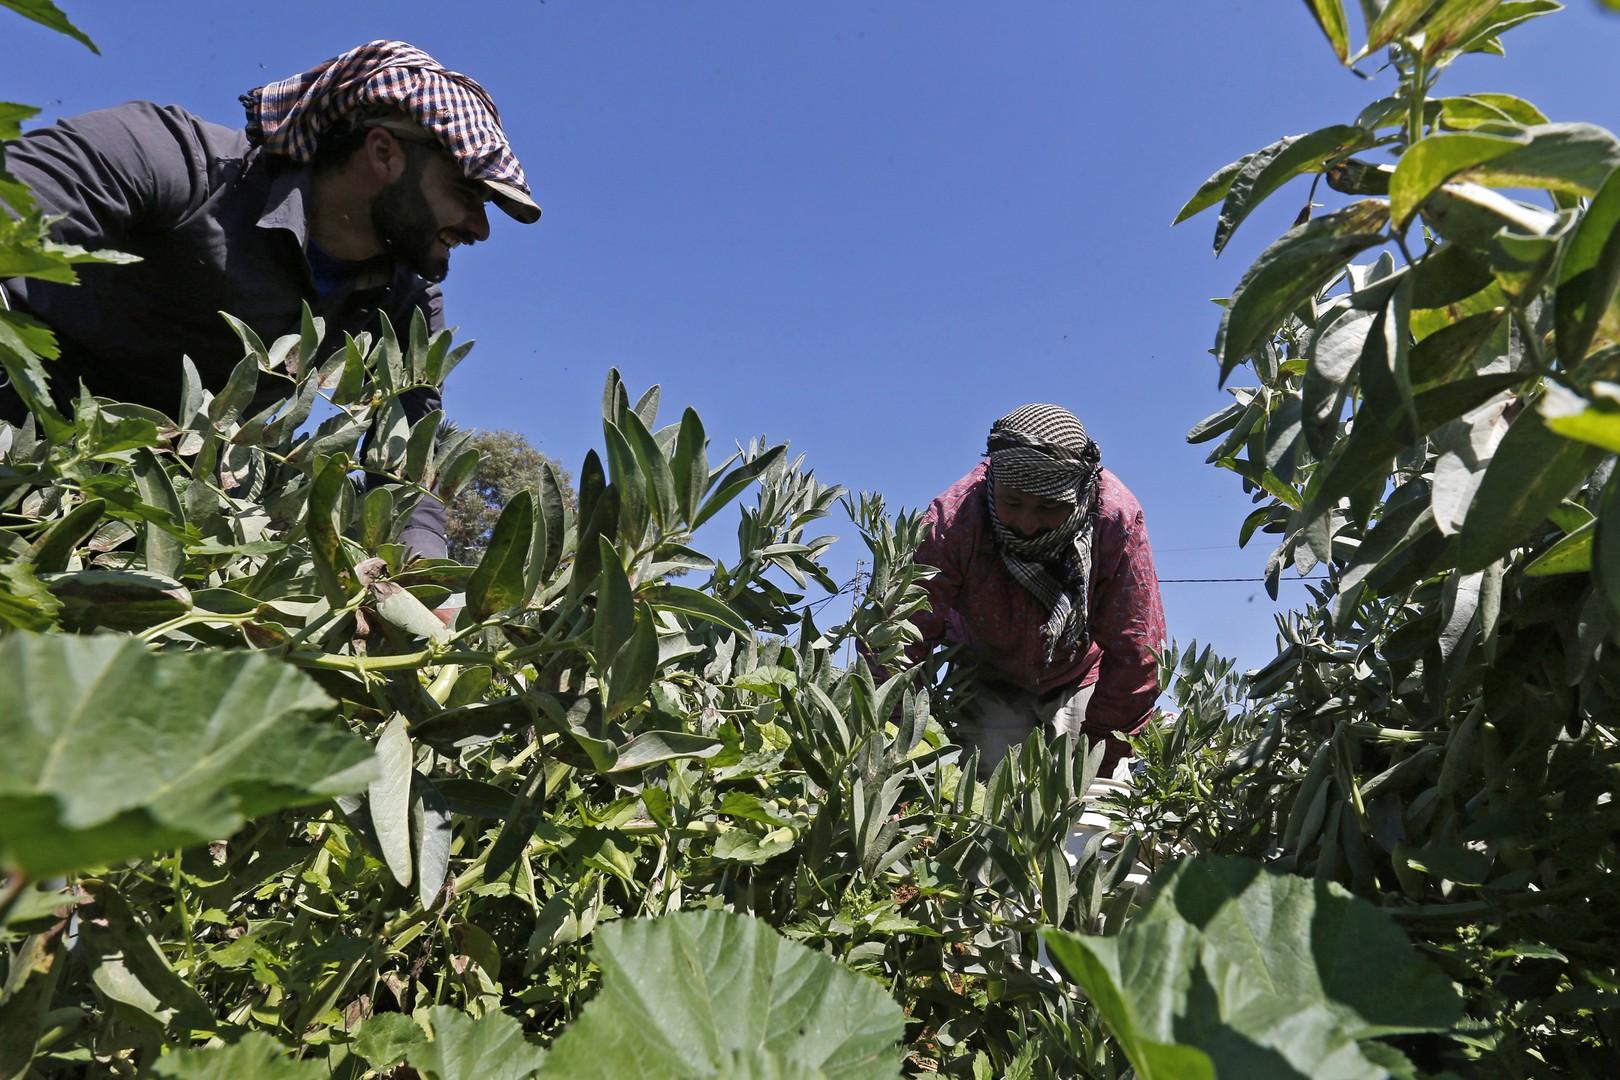 تركيا تتصدر بلدان العالم بأربع منتجات زراعية